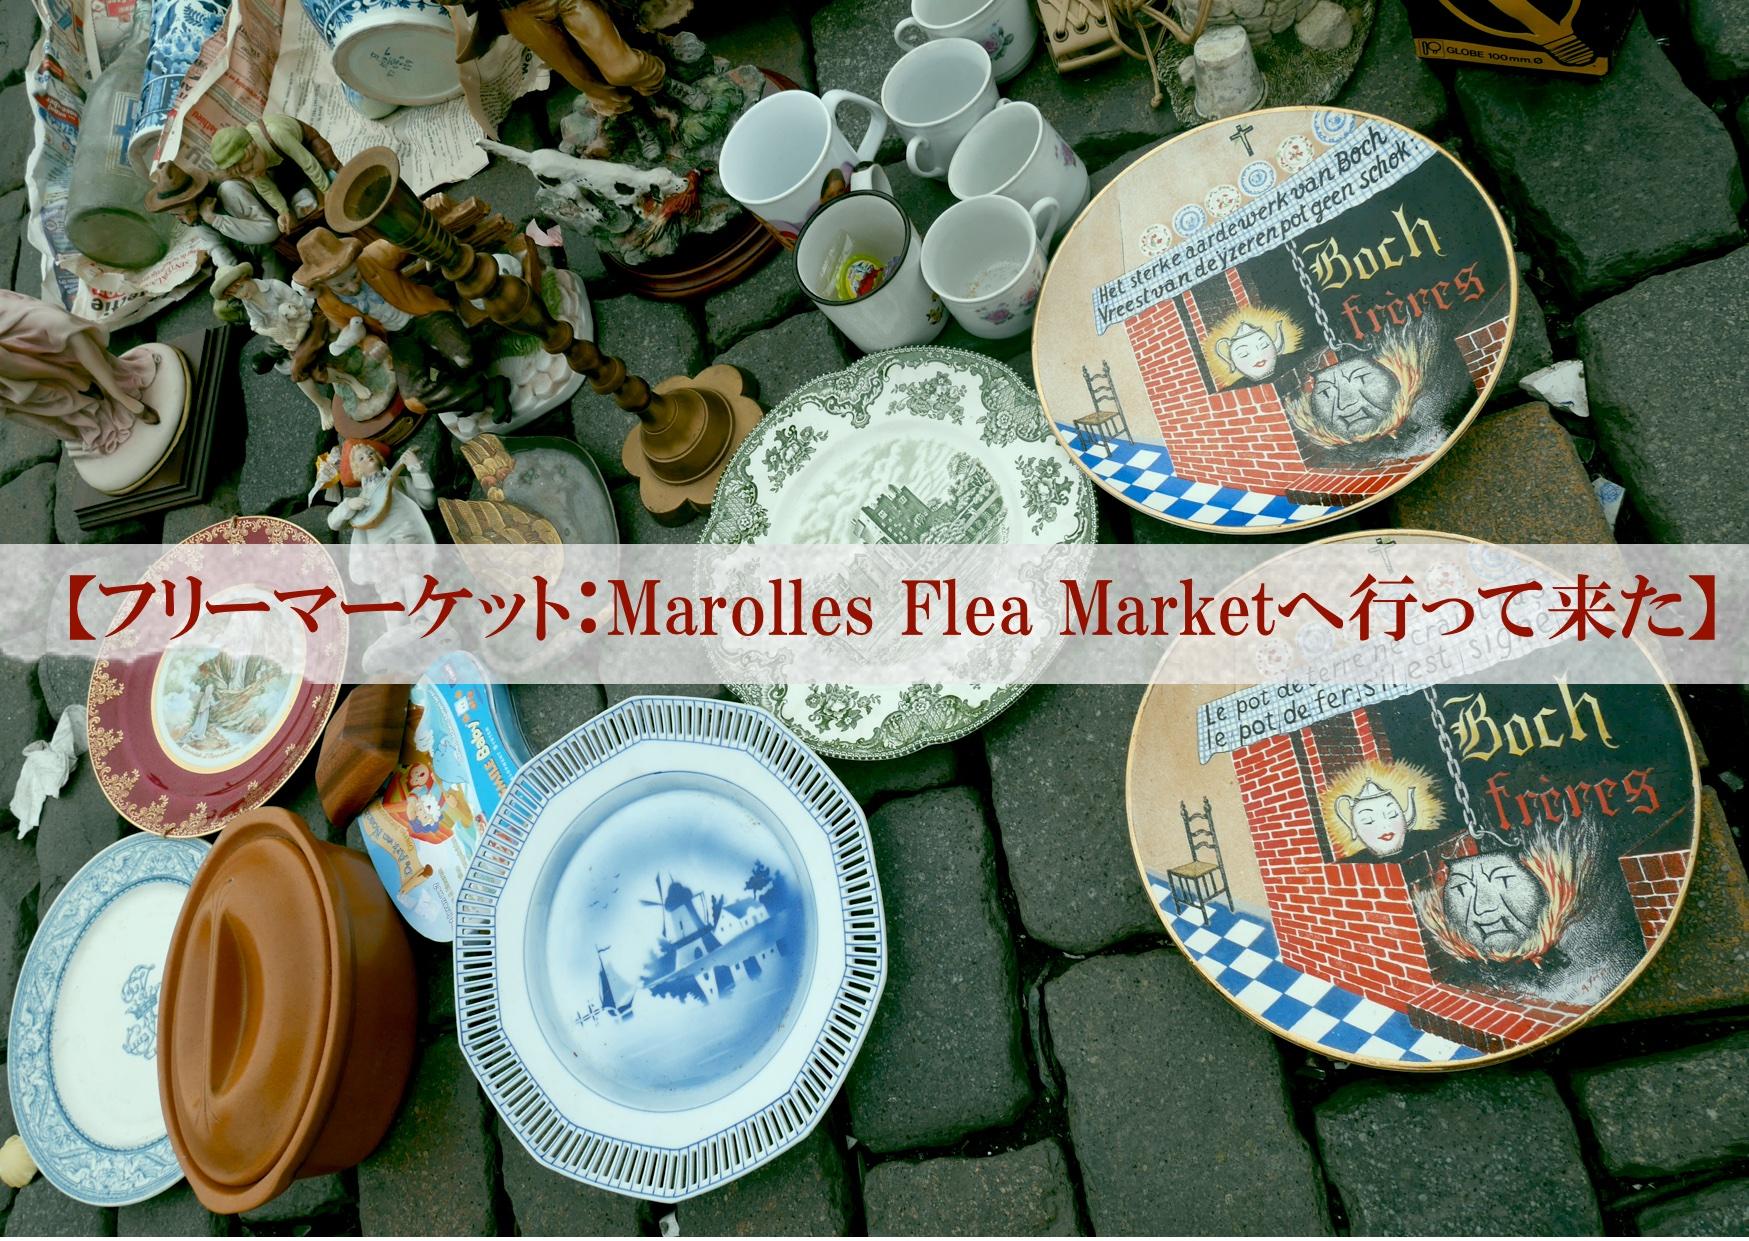 【フリーマーケット:Marolles Flea Marketへ行って来た】